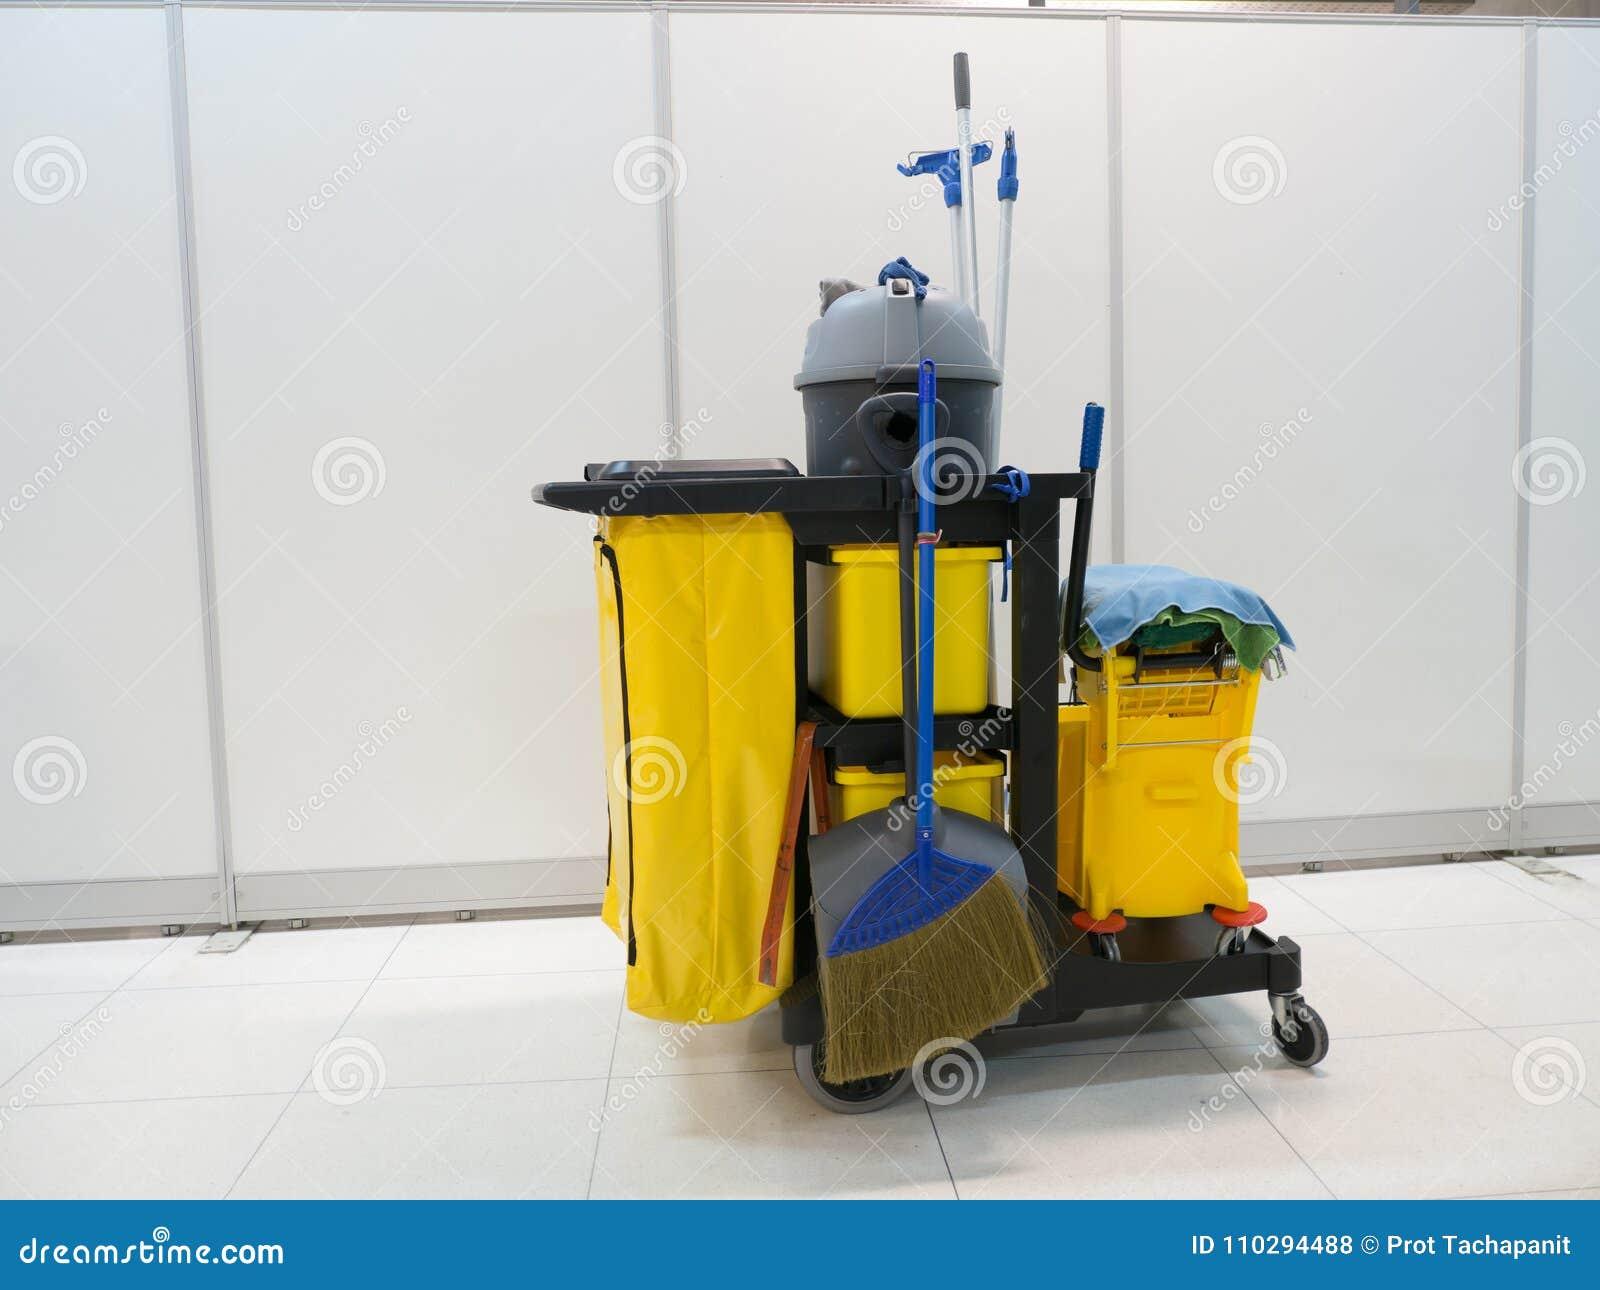 清洁工具推车等待清洁 桶和套清洁设备在办公室 管理员服务工友为您